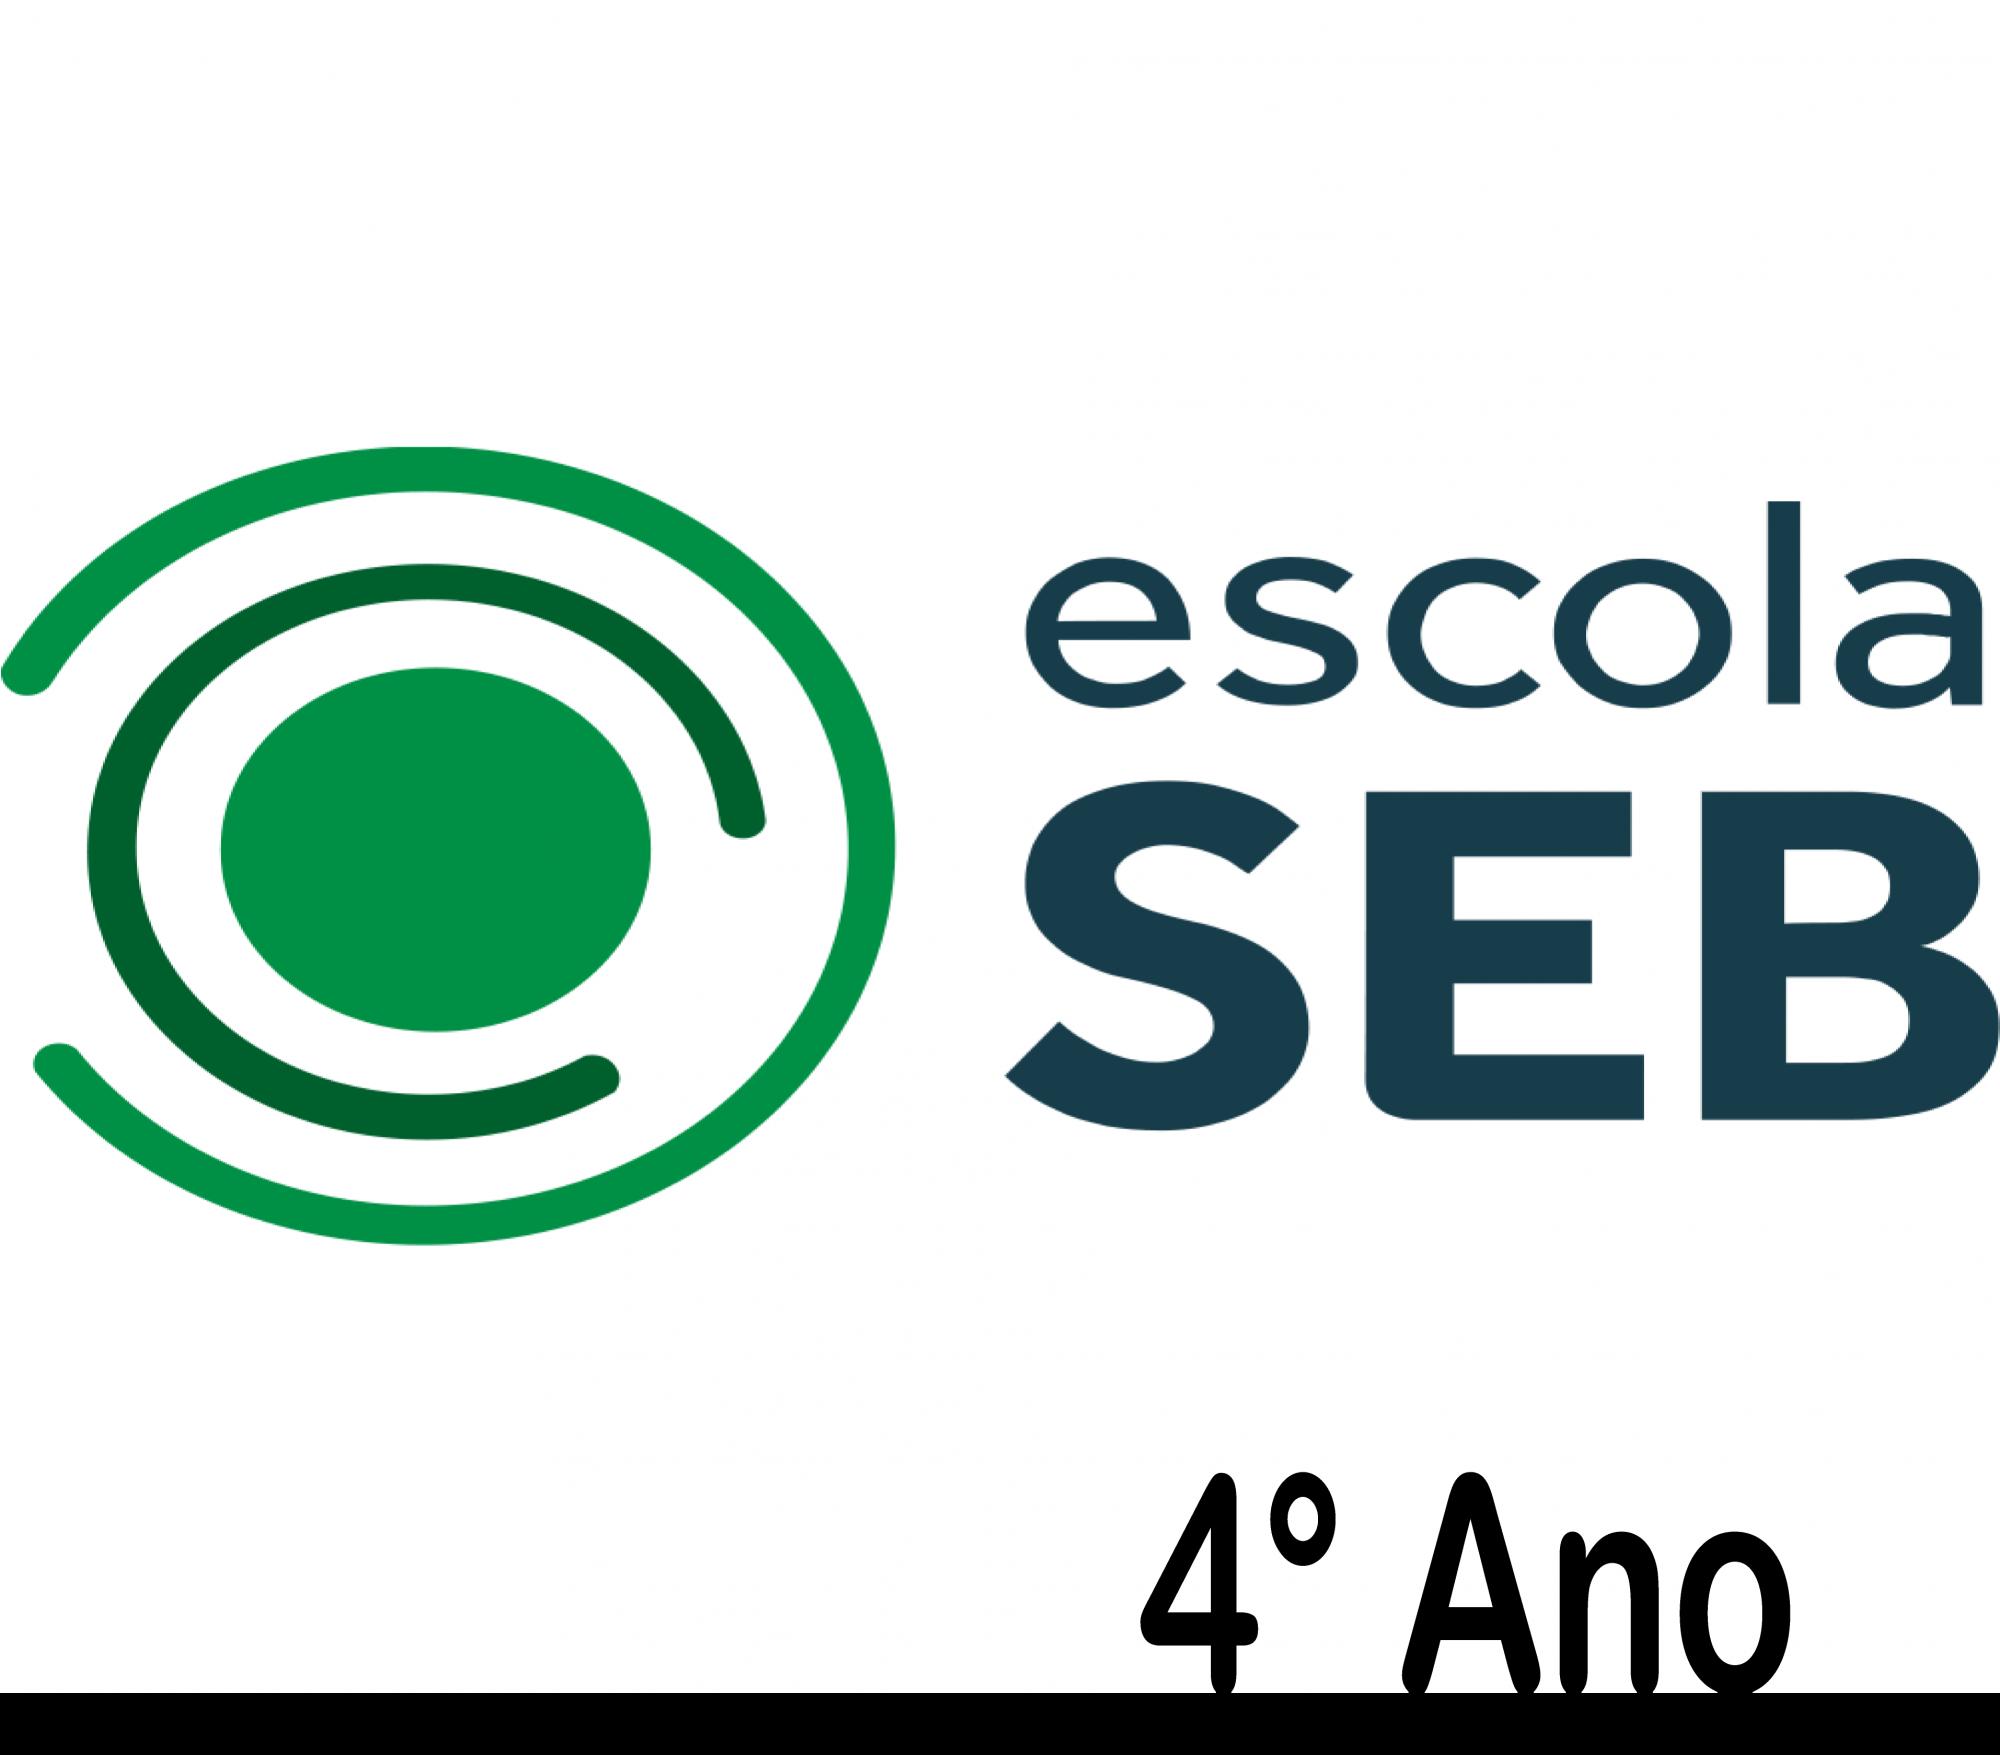 Seb Coc - 4° Ano sem uso pessoal - 2021